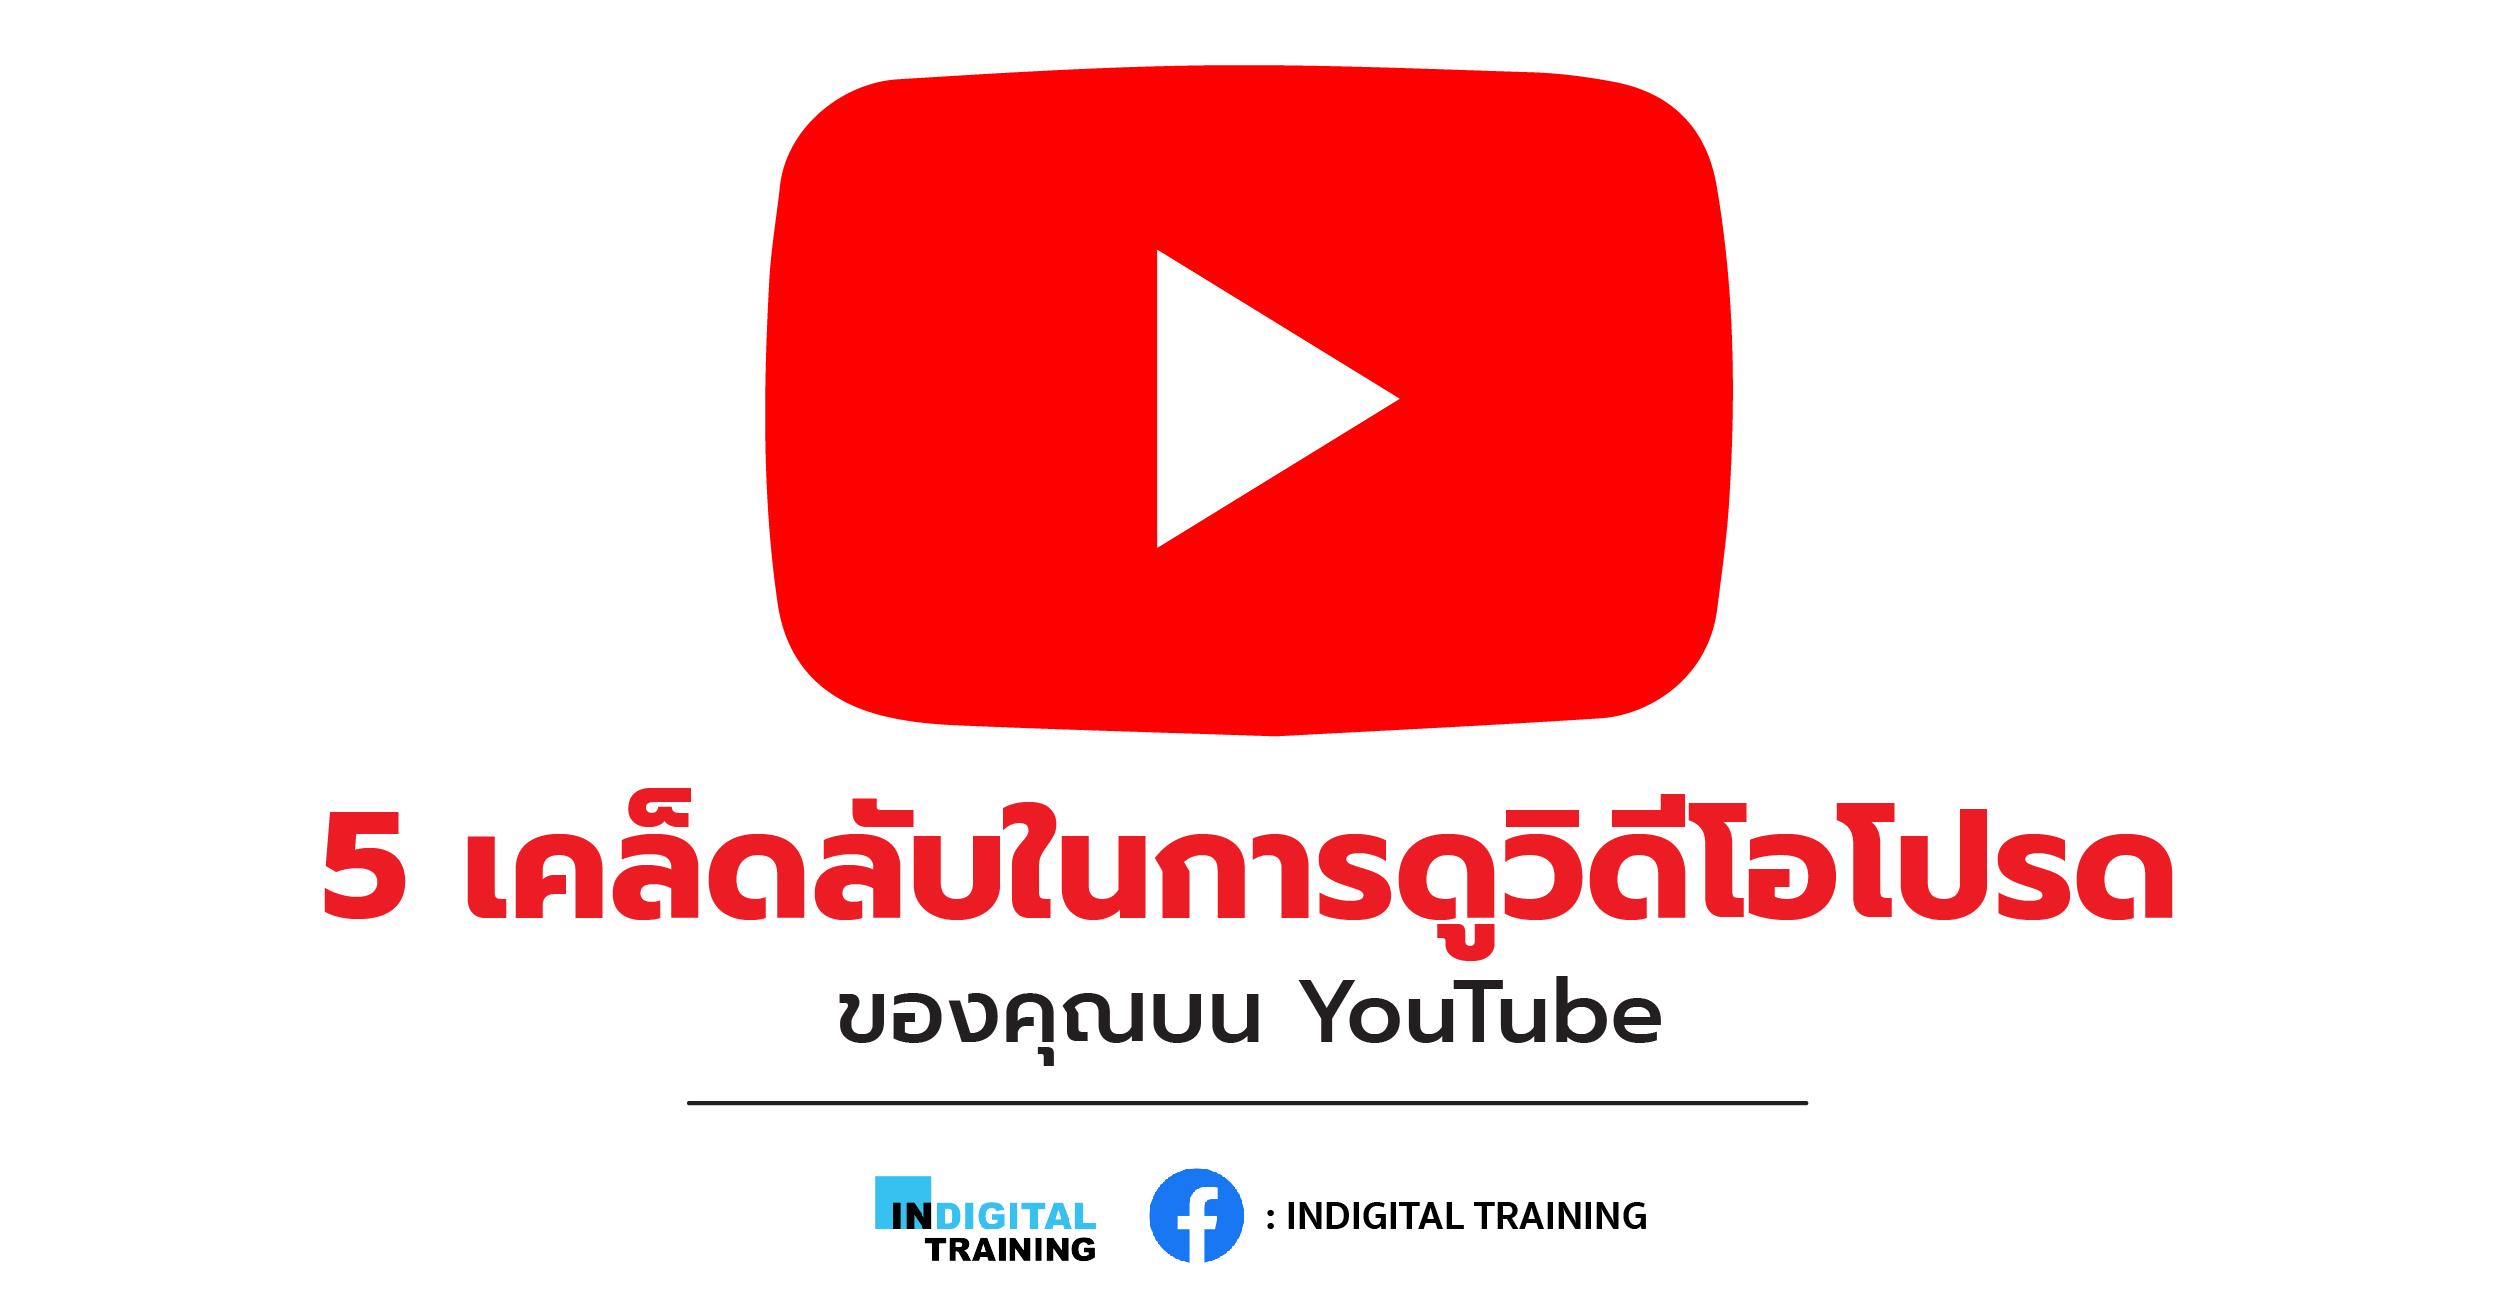 5 เคล็ดลับในการดูวิดีโอโปรดของคุณบน YouTube